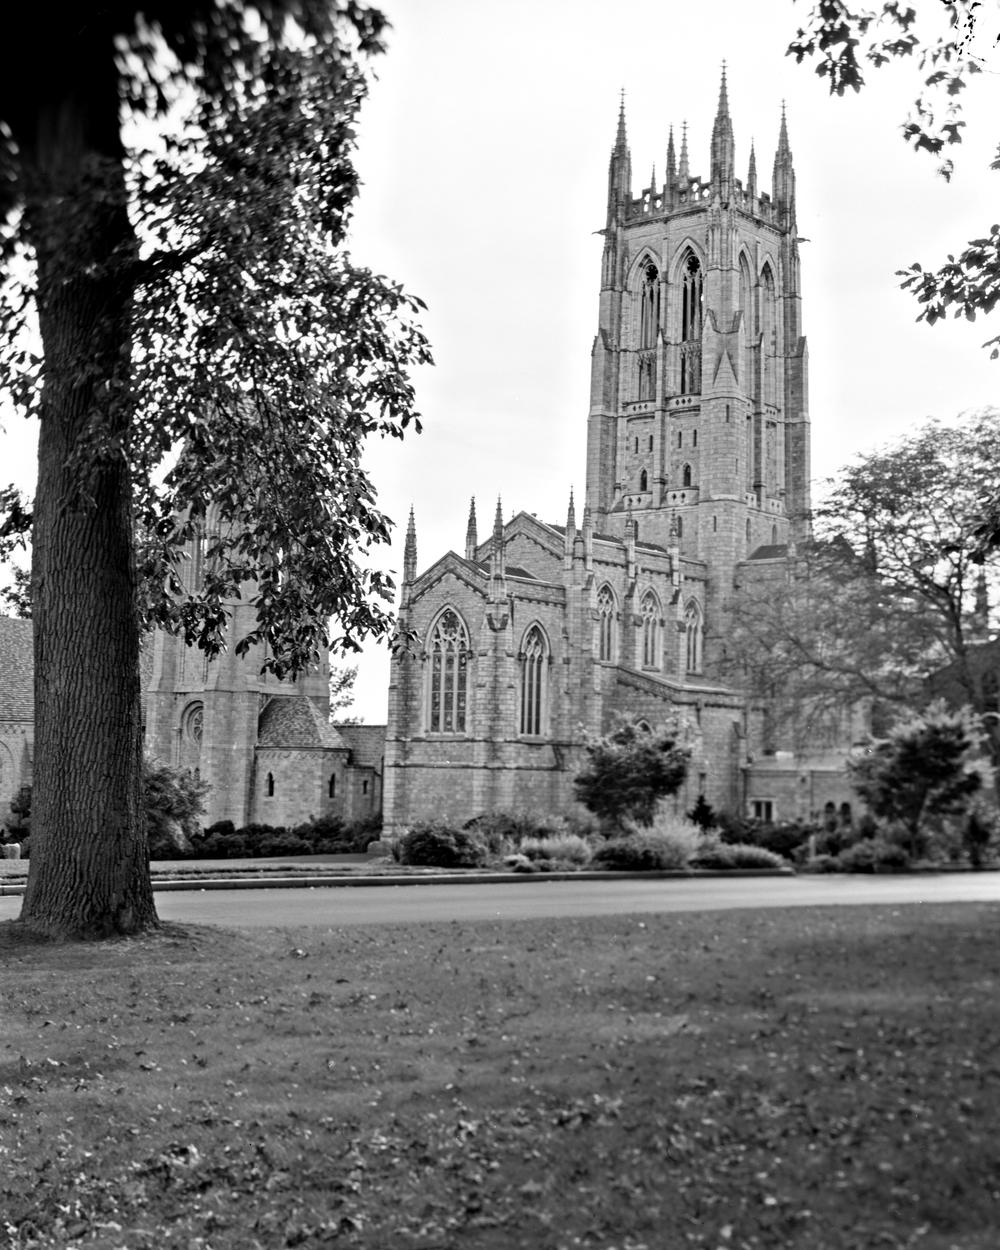 2013-09-15_bryn_athyn_cathedral_4x5_2400dpi_merged_001.jpg